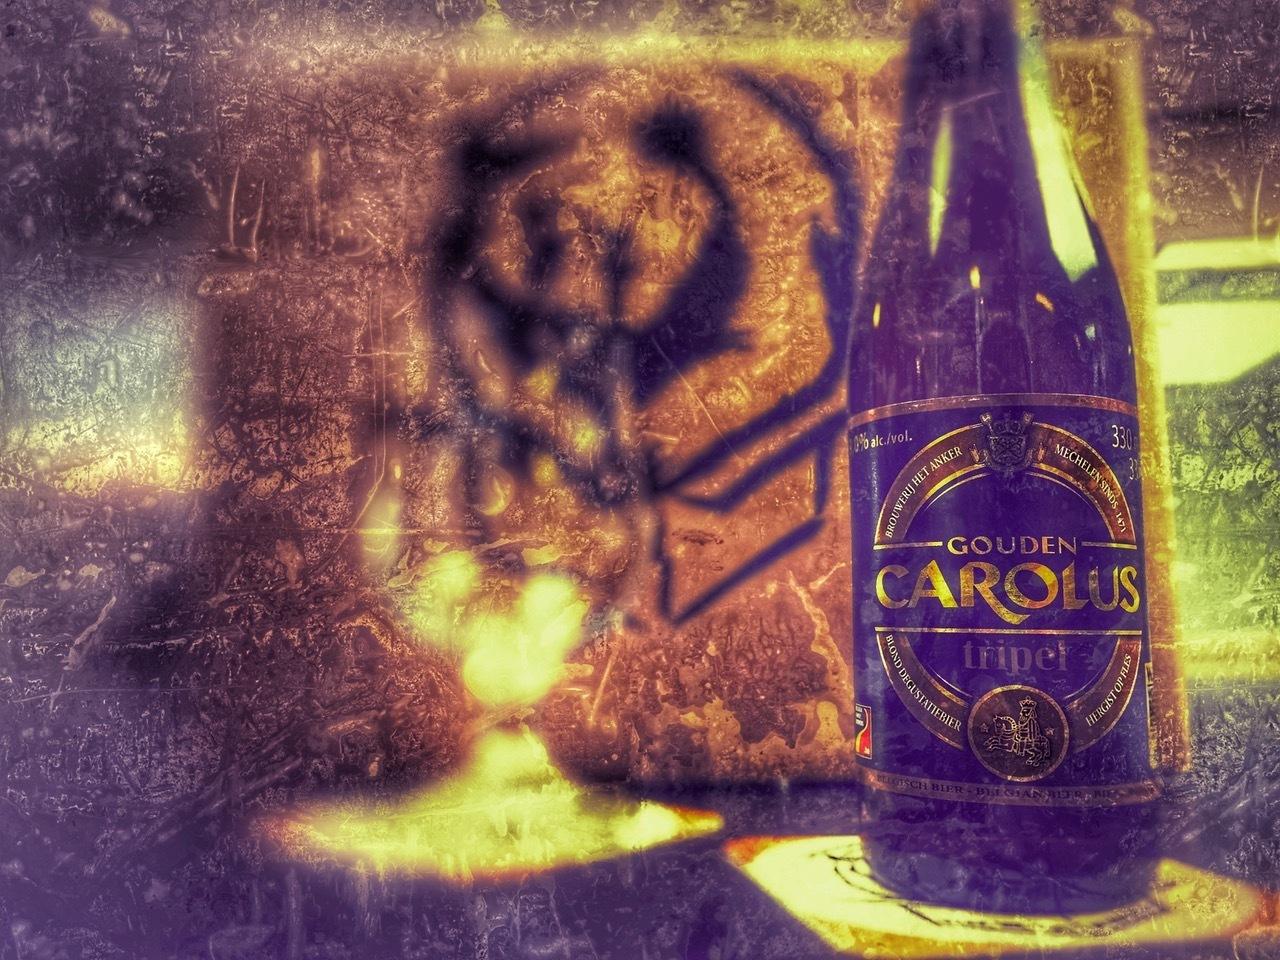 Gouden Carolus Tripel van Het Anker